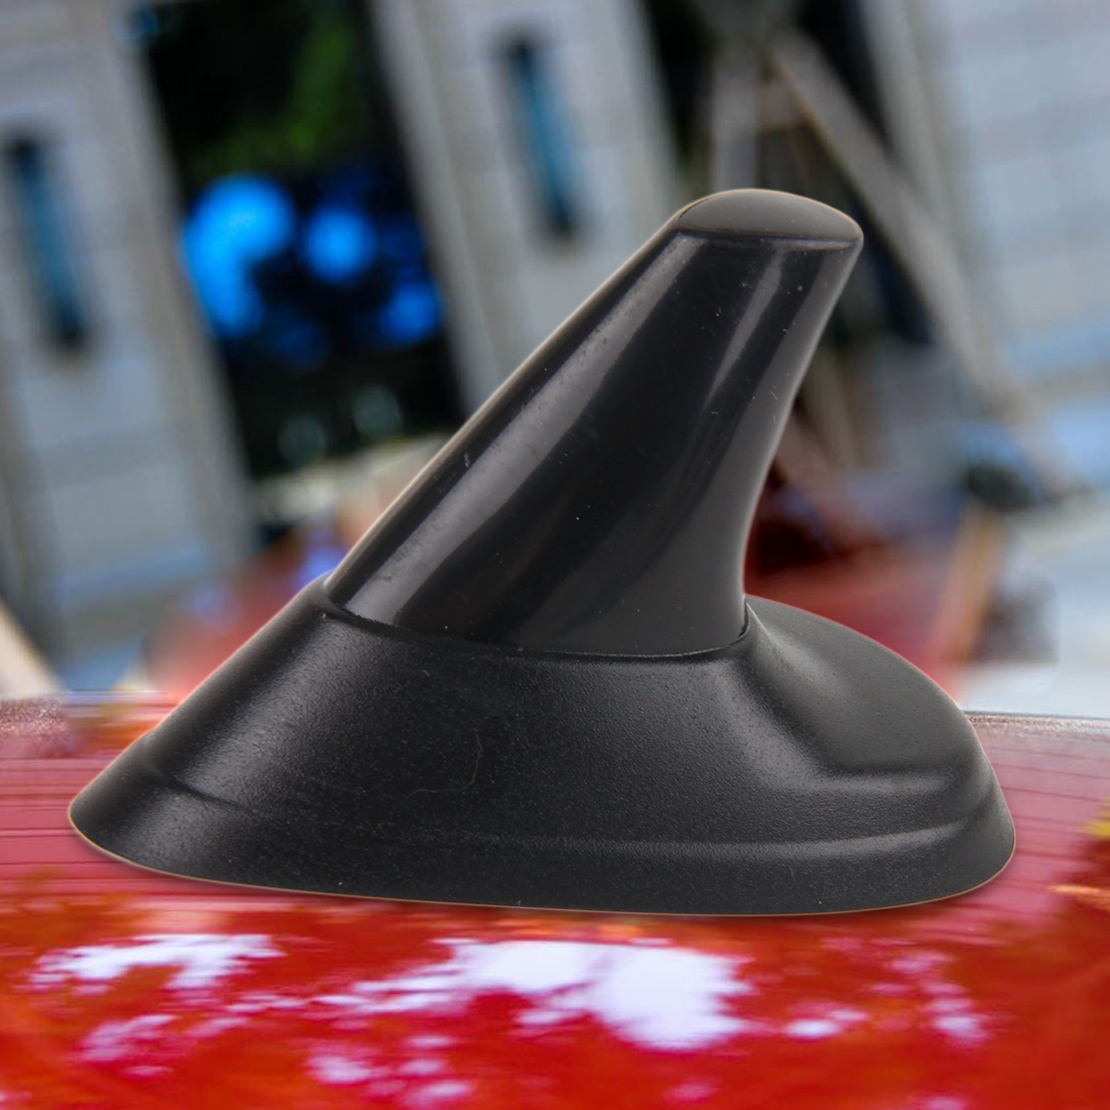 Beler Factice Aileron de Requin Style Noir Antenne pour SAAB 9-5 9-3 1999 2000 2001 2002 2003 2004 2005 2006 2007 Sport Aero Wagon